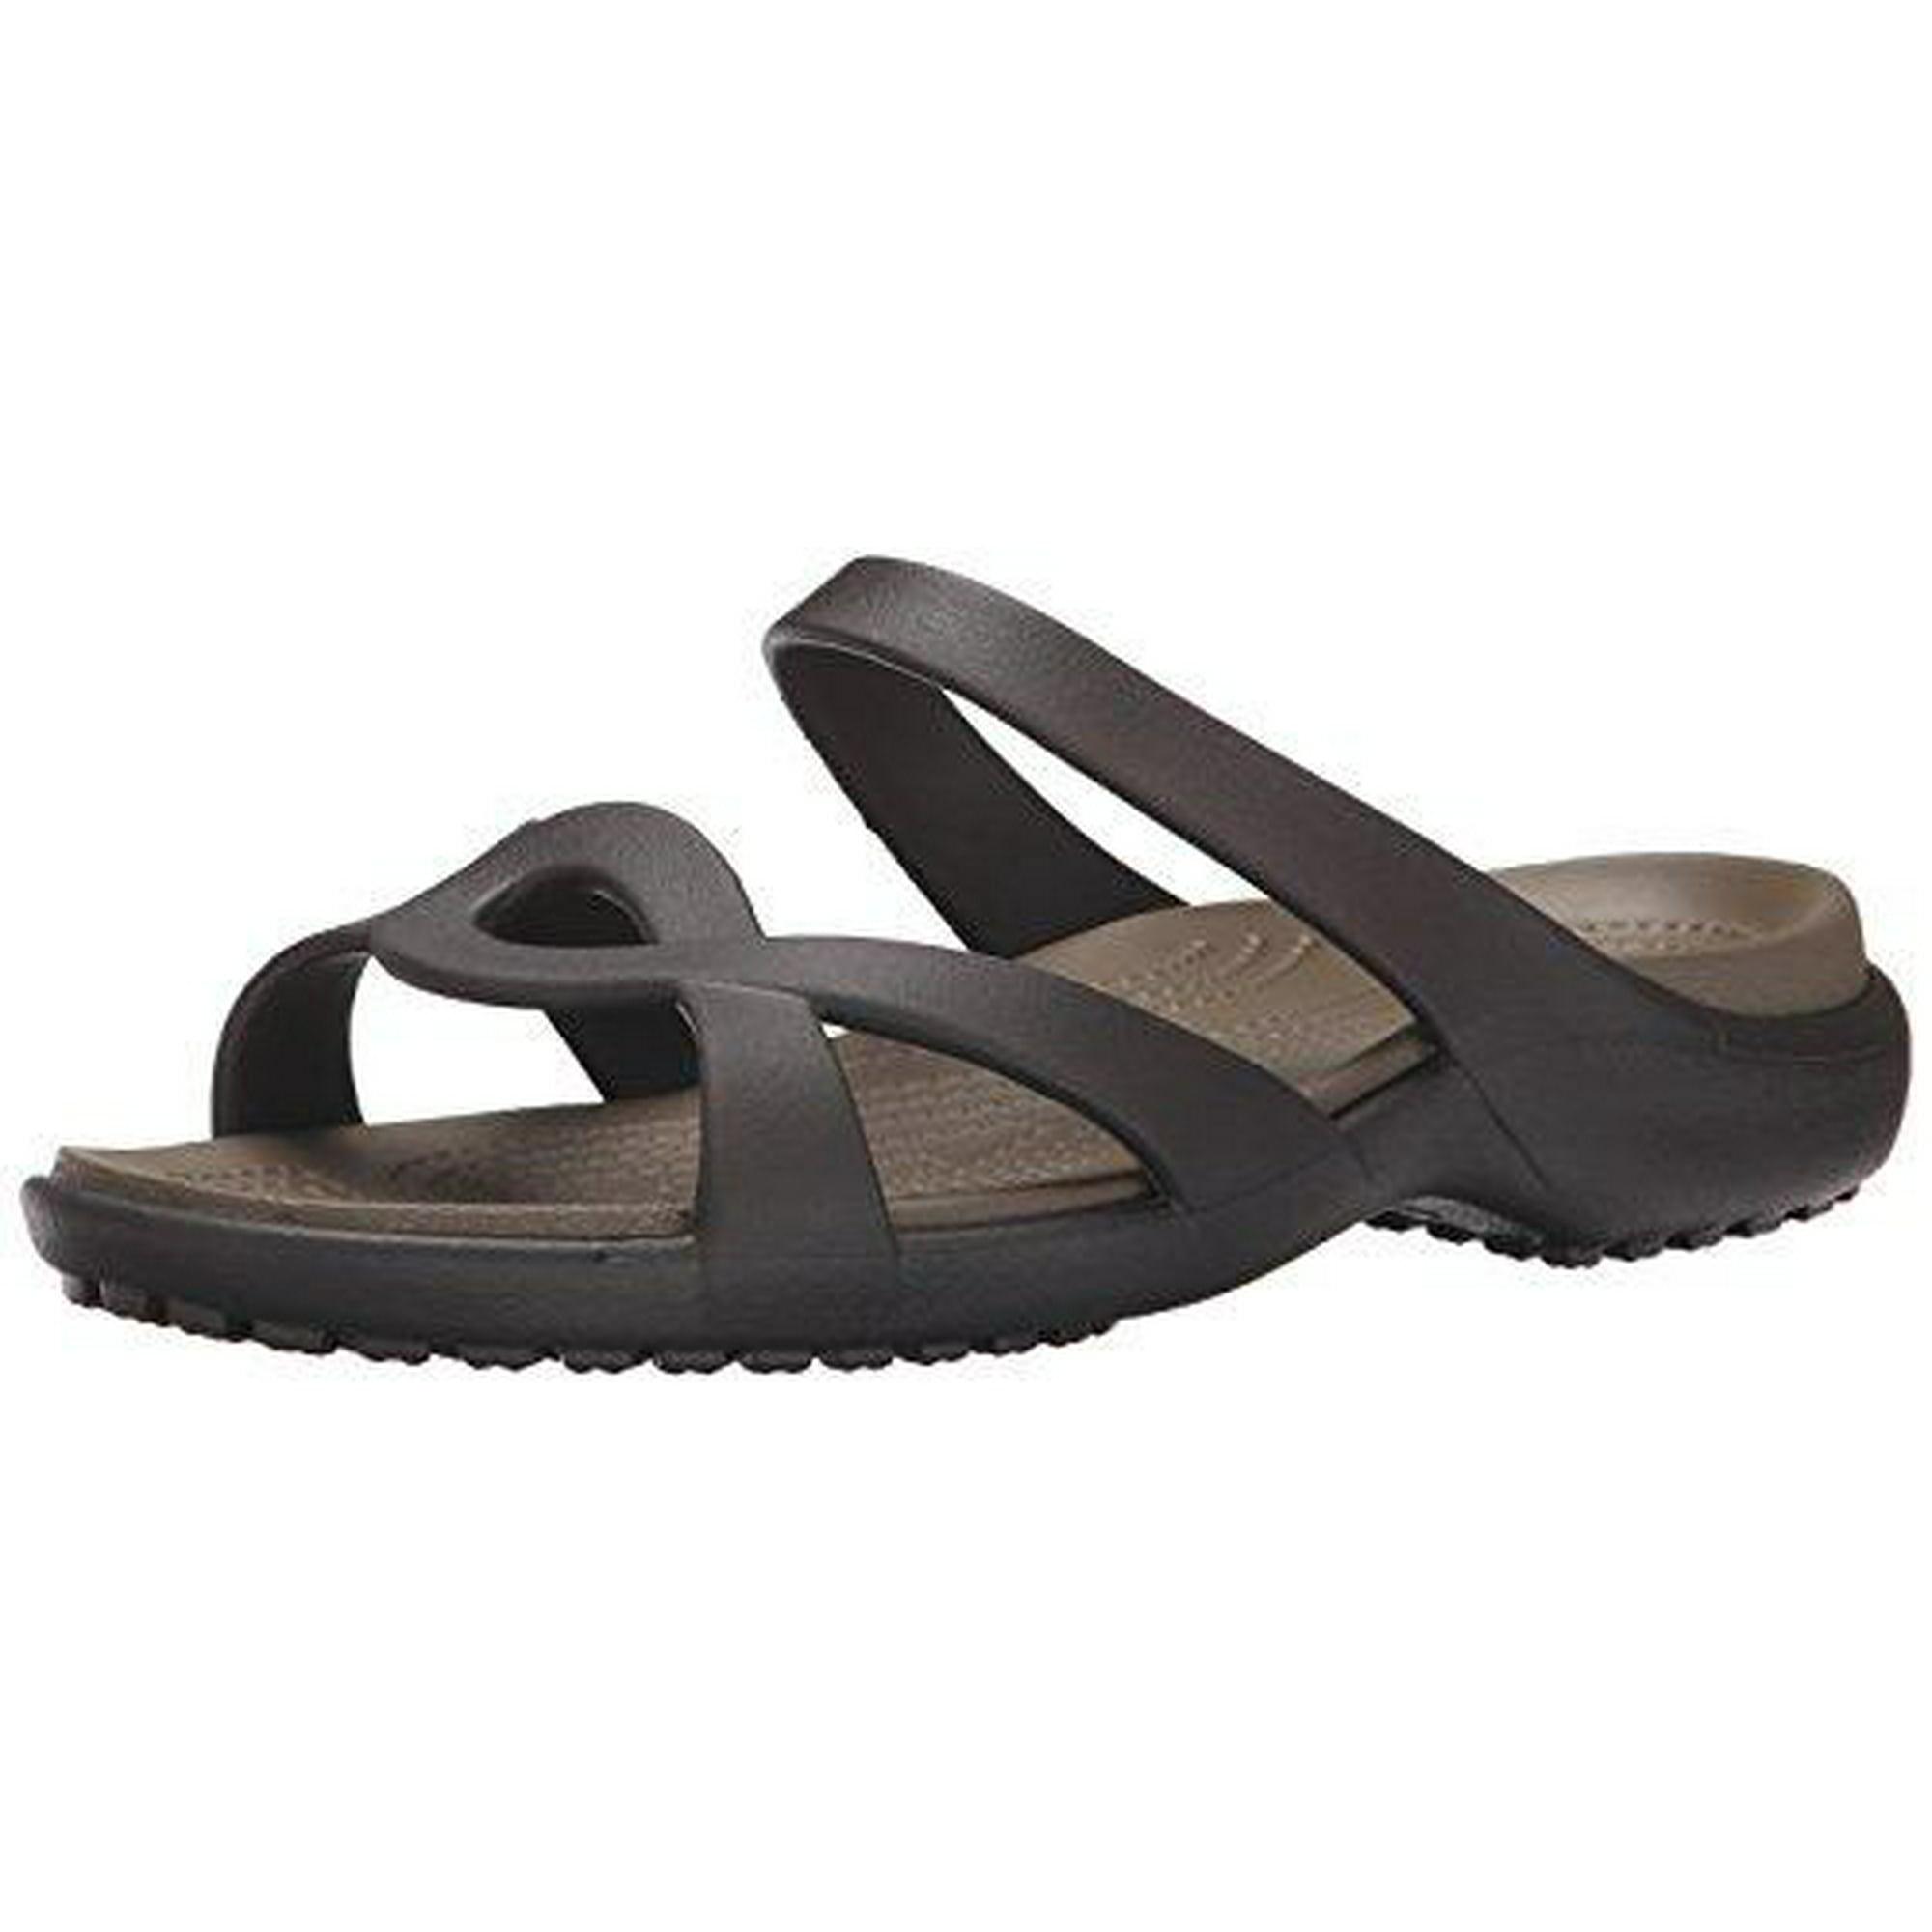 43599919b9adbd Crocs Swiftwater Wave Women s Water Shoe - 203995